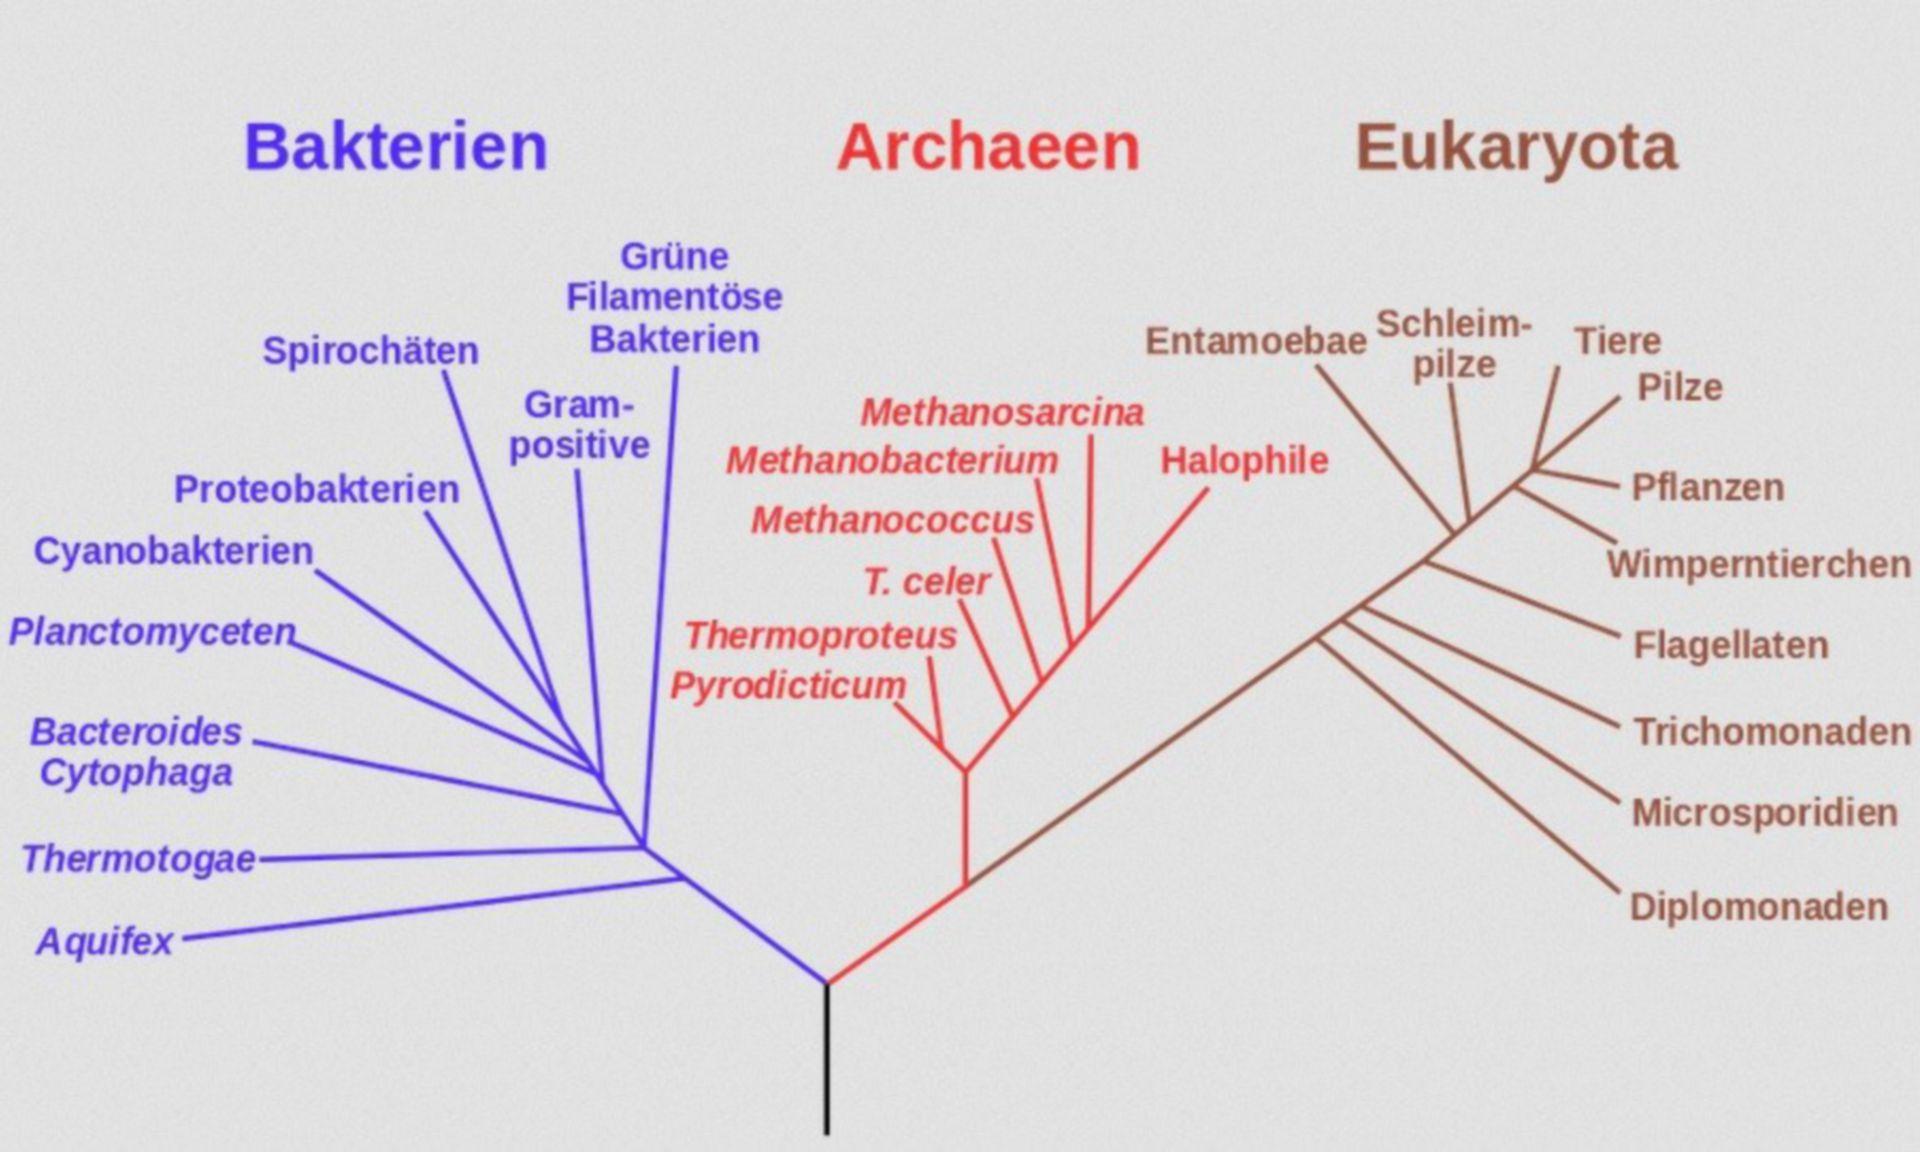 Phylogenetischer Stammbaum nach Woese